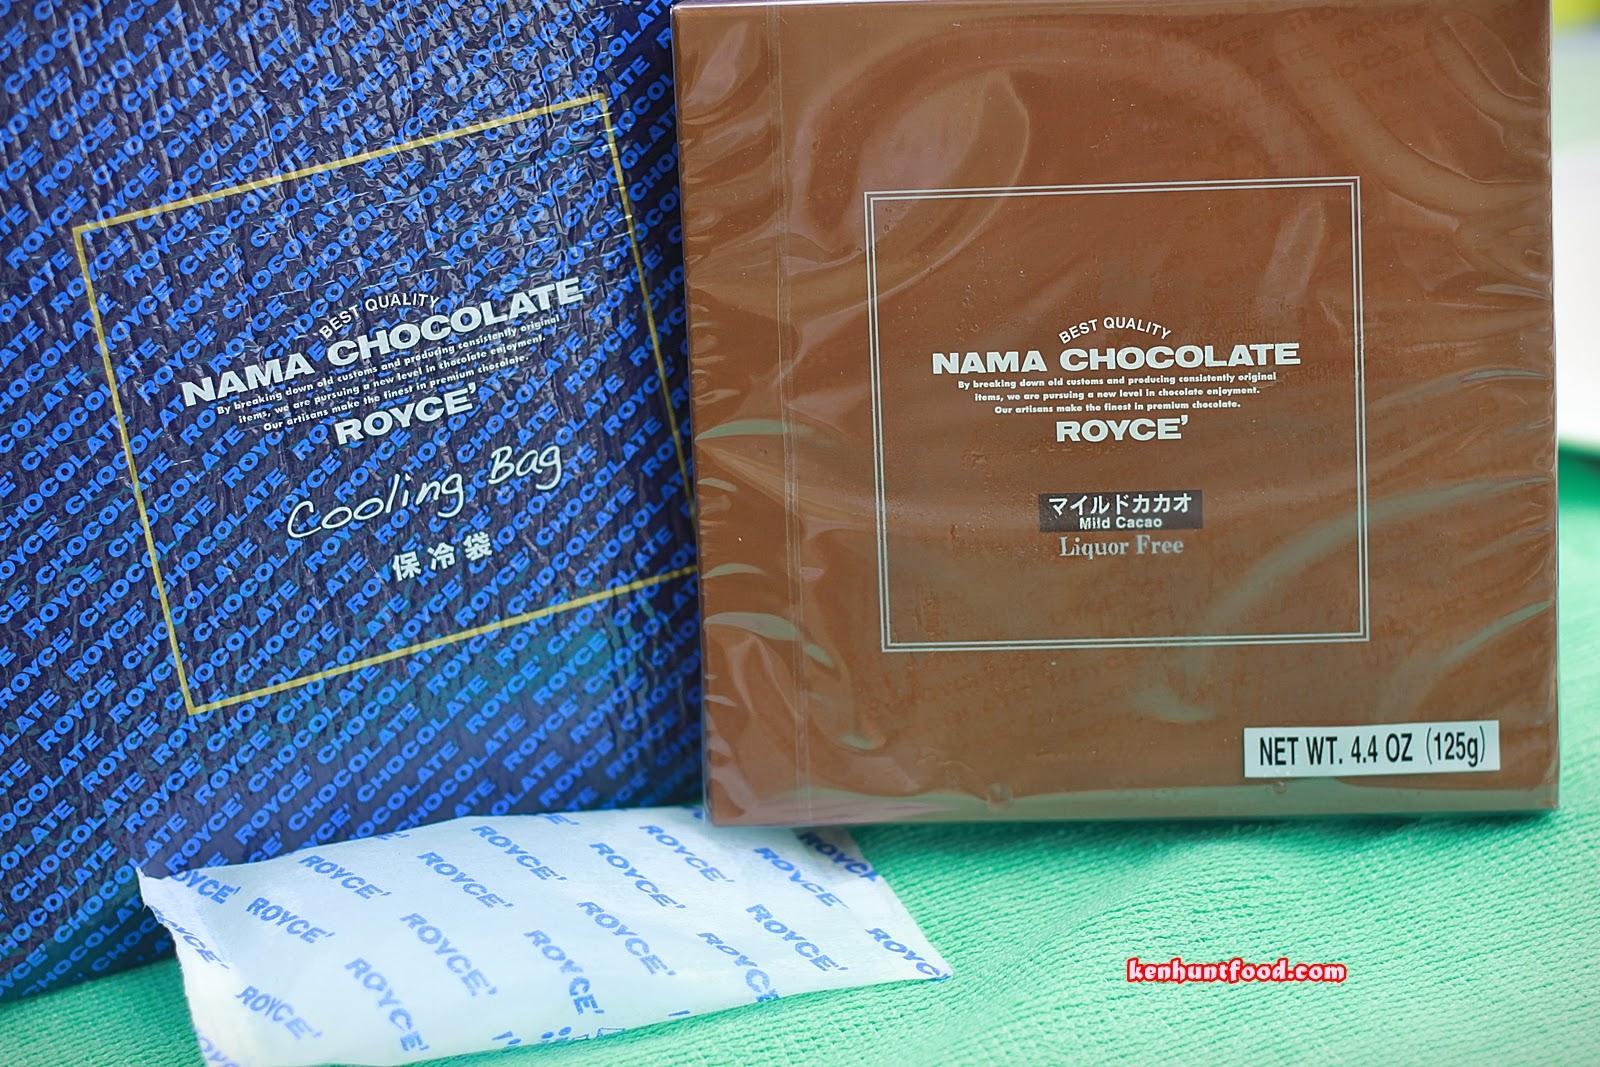 Ken Hunts Food: Royce' Chocolate- A Taste of Hokkaido